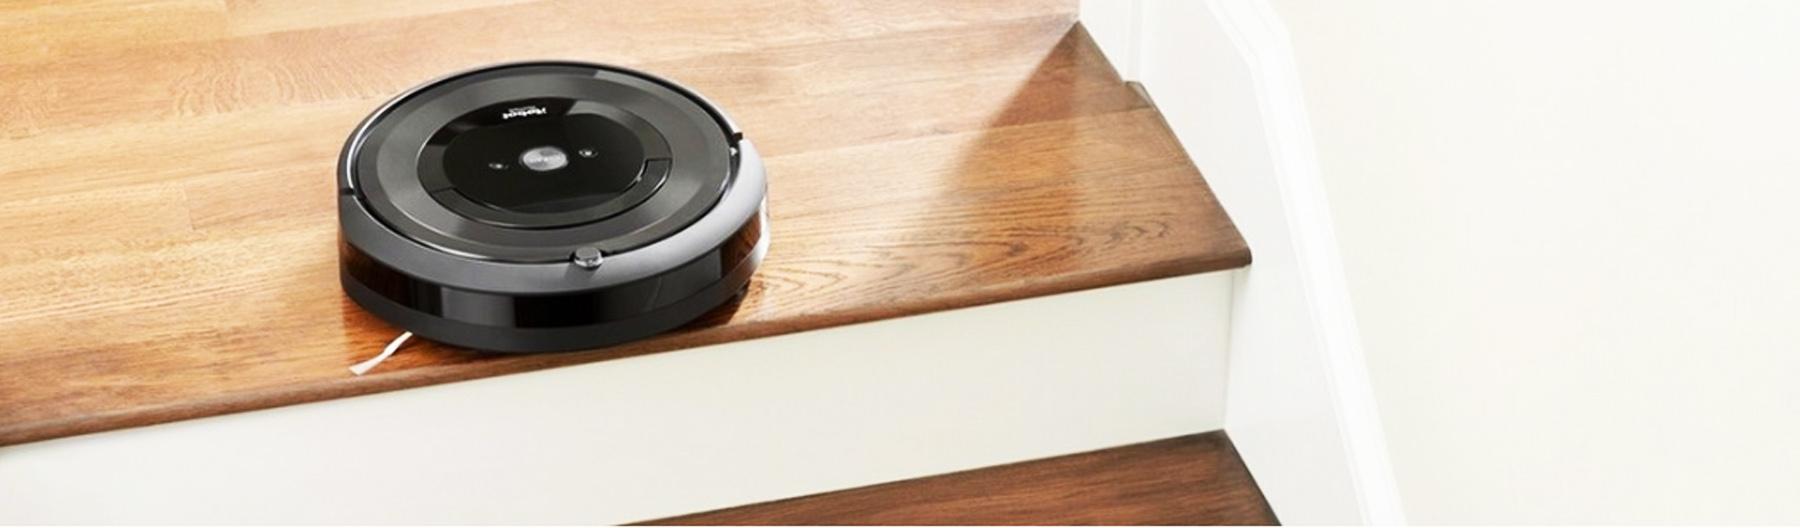 iRobot Roomba e5 не падает со ступенек